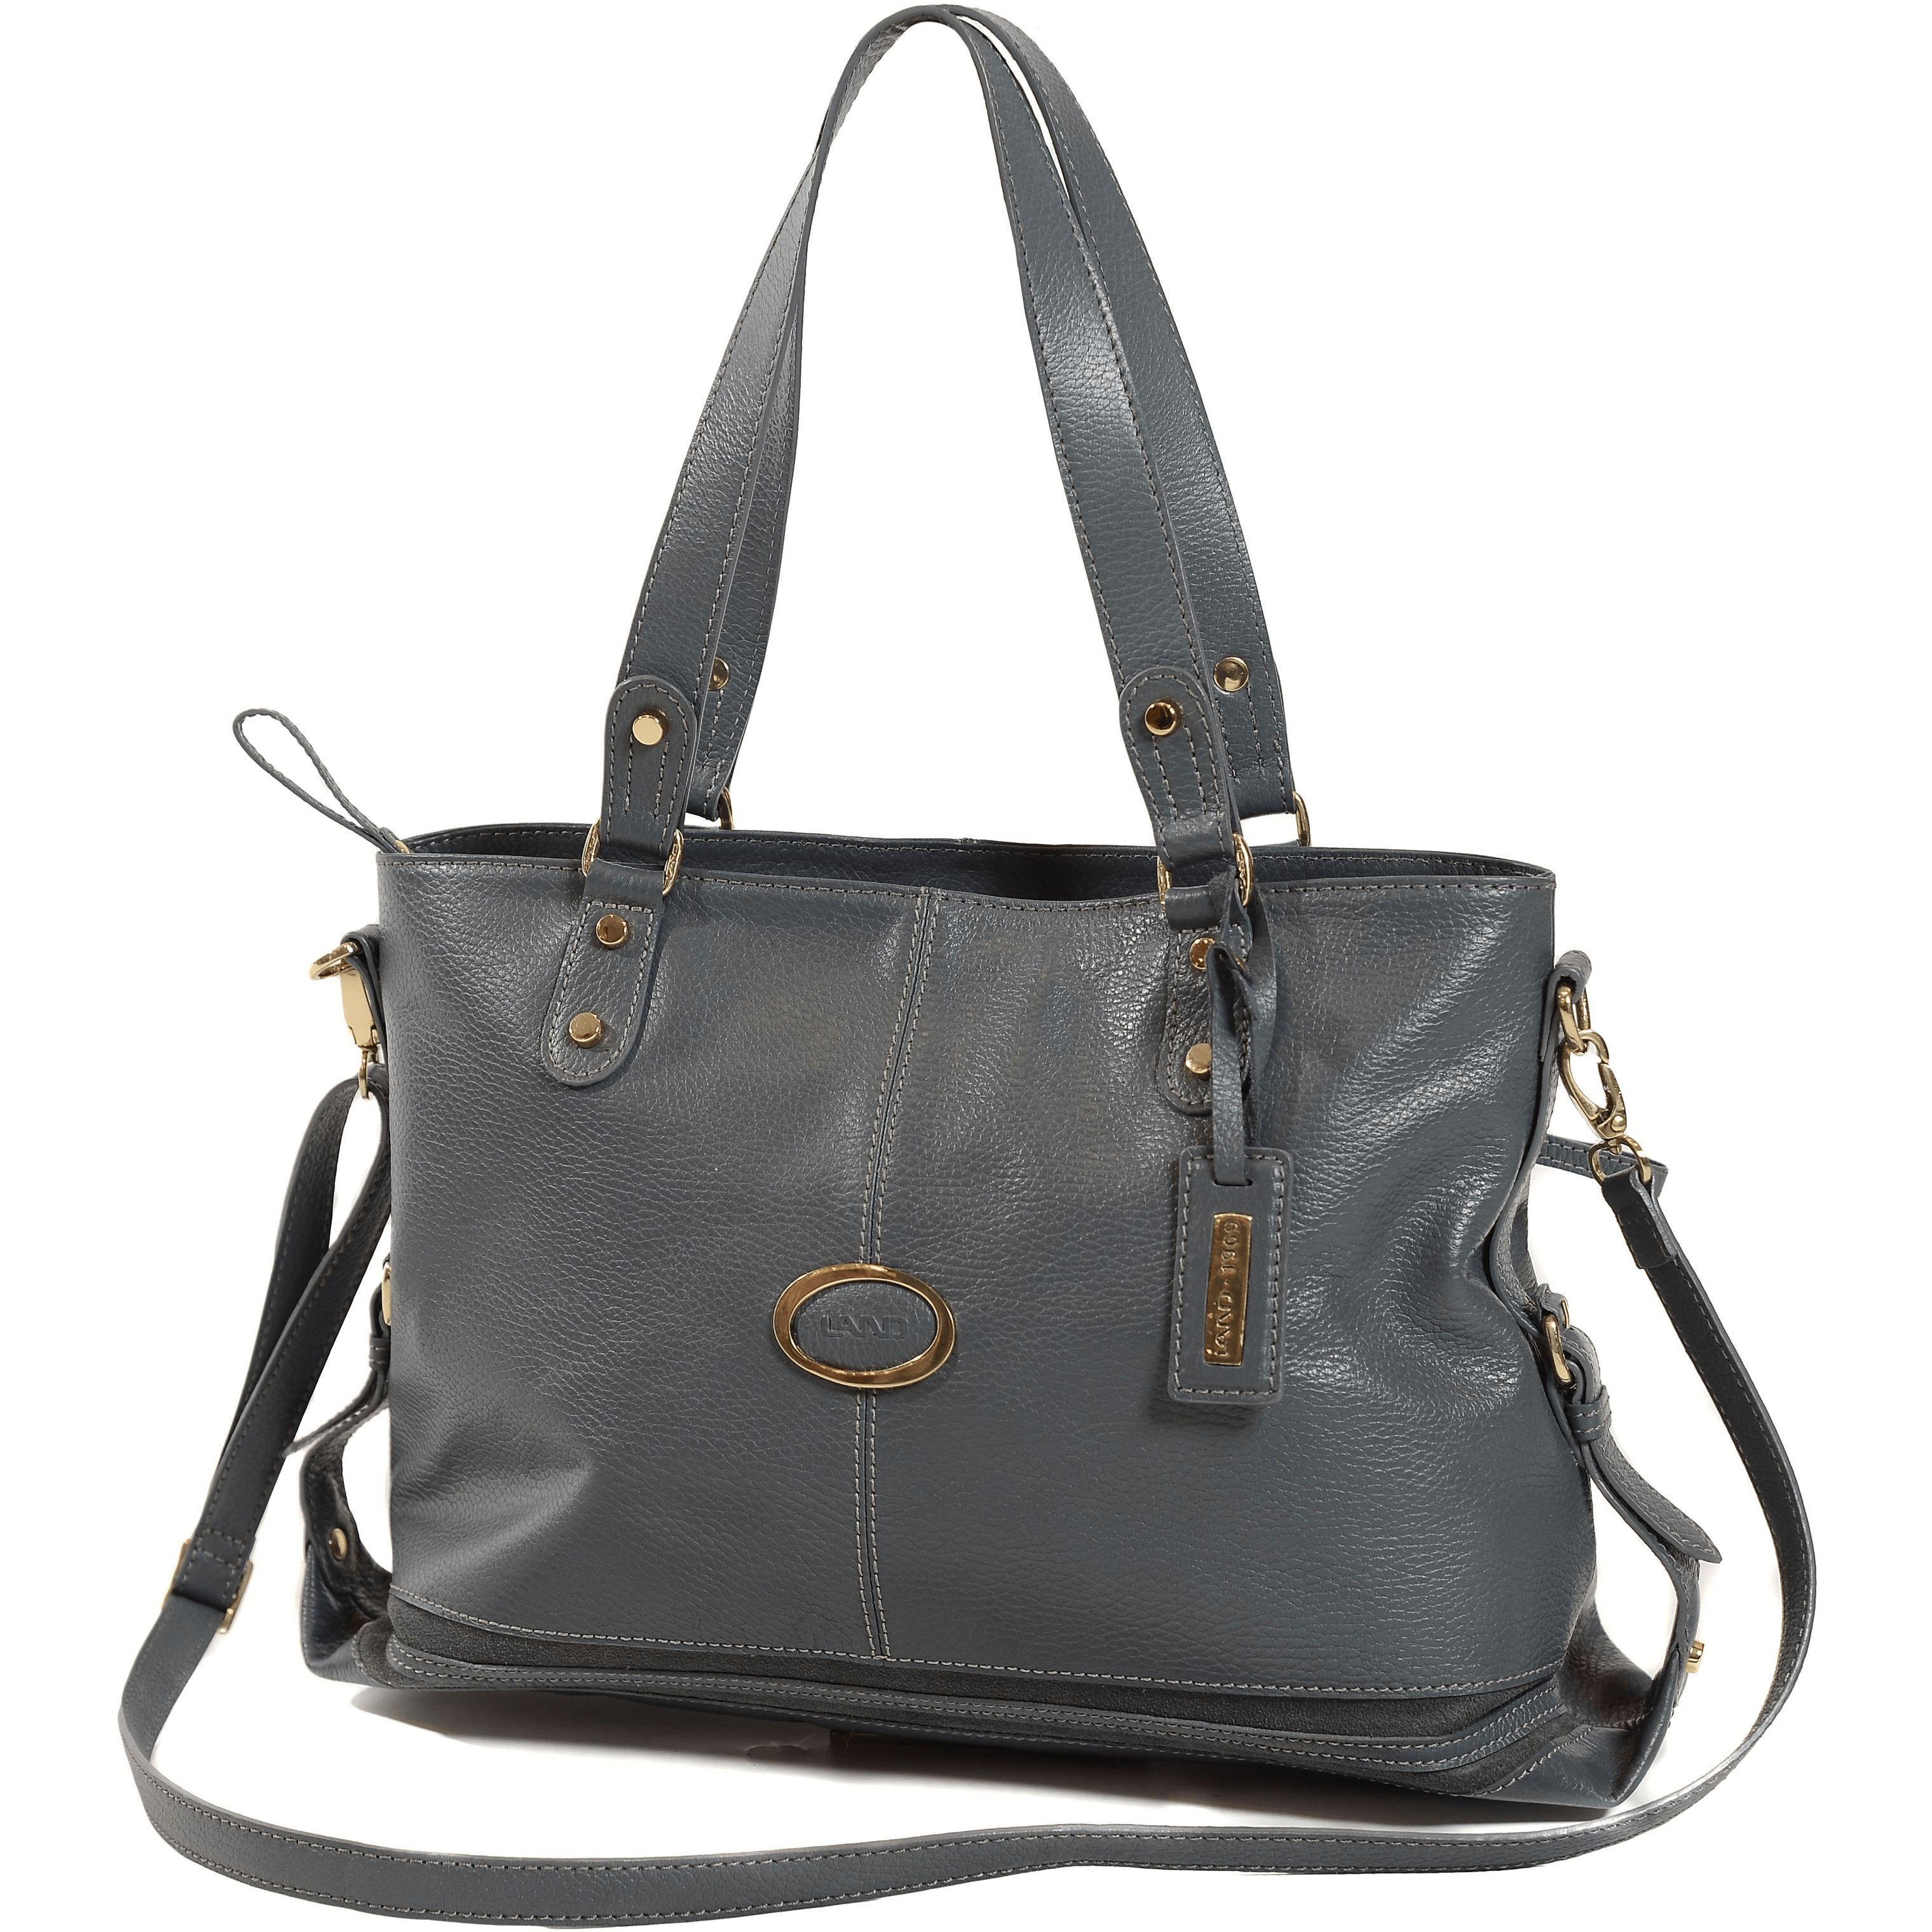 Bellagio Handbag